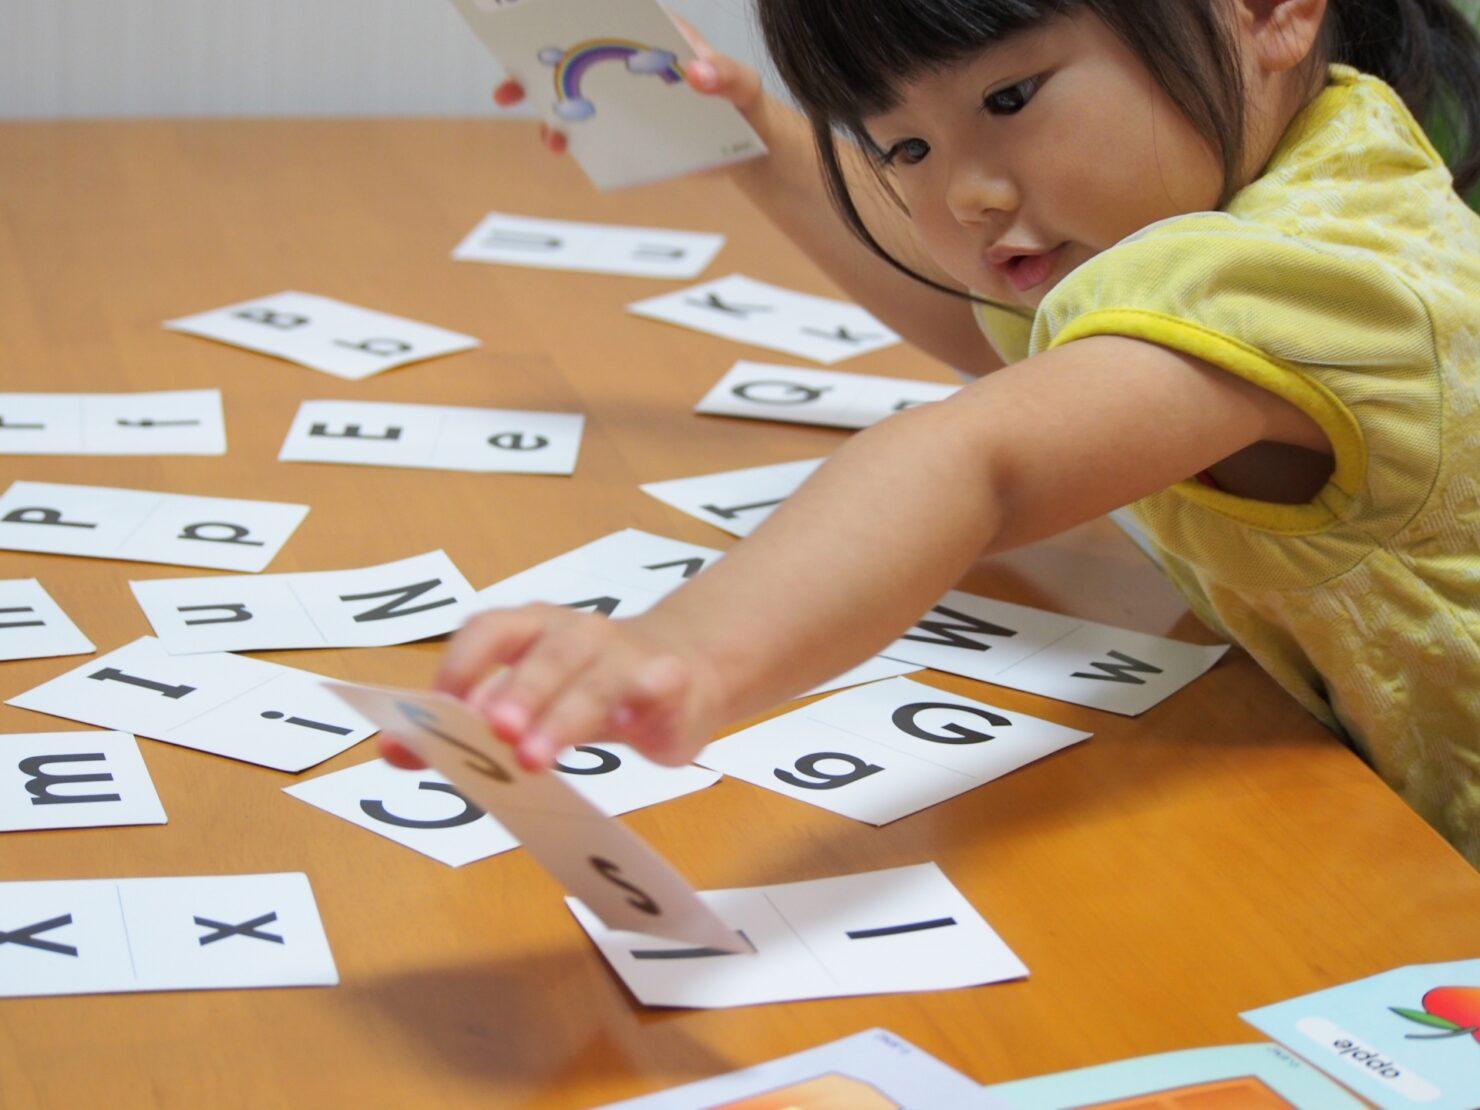 子供への幼児教育はいつからがおすすめ? 自宅でできる教材はあるの? 通信教育&通販で買える人気の教材8選